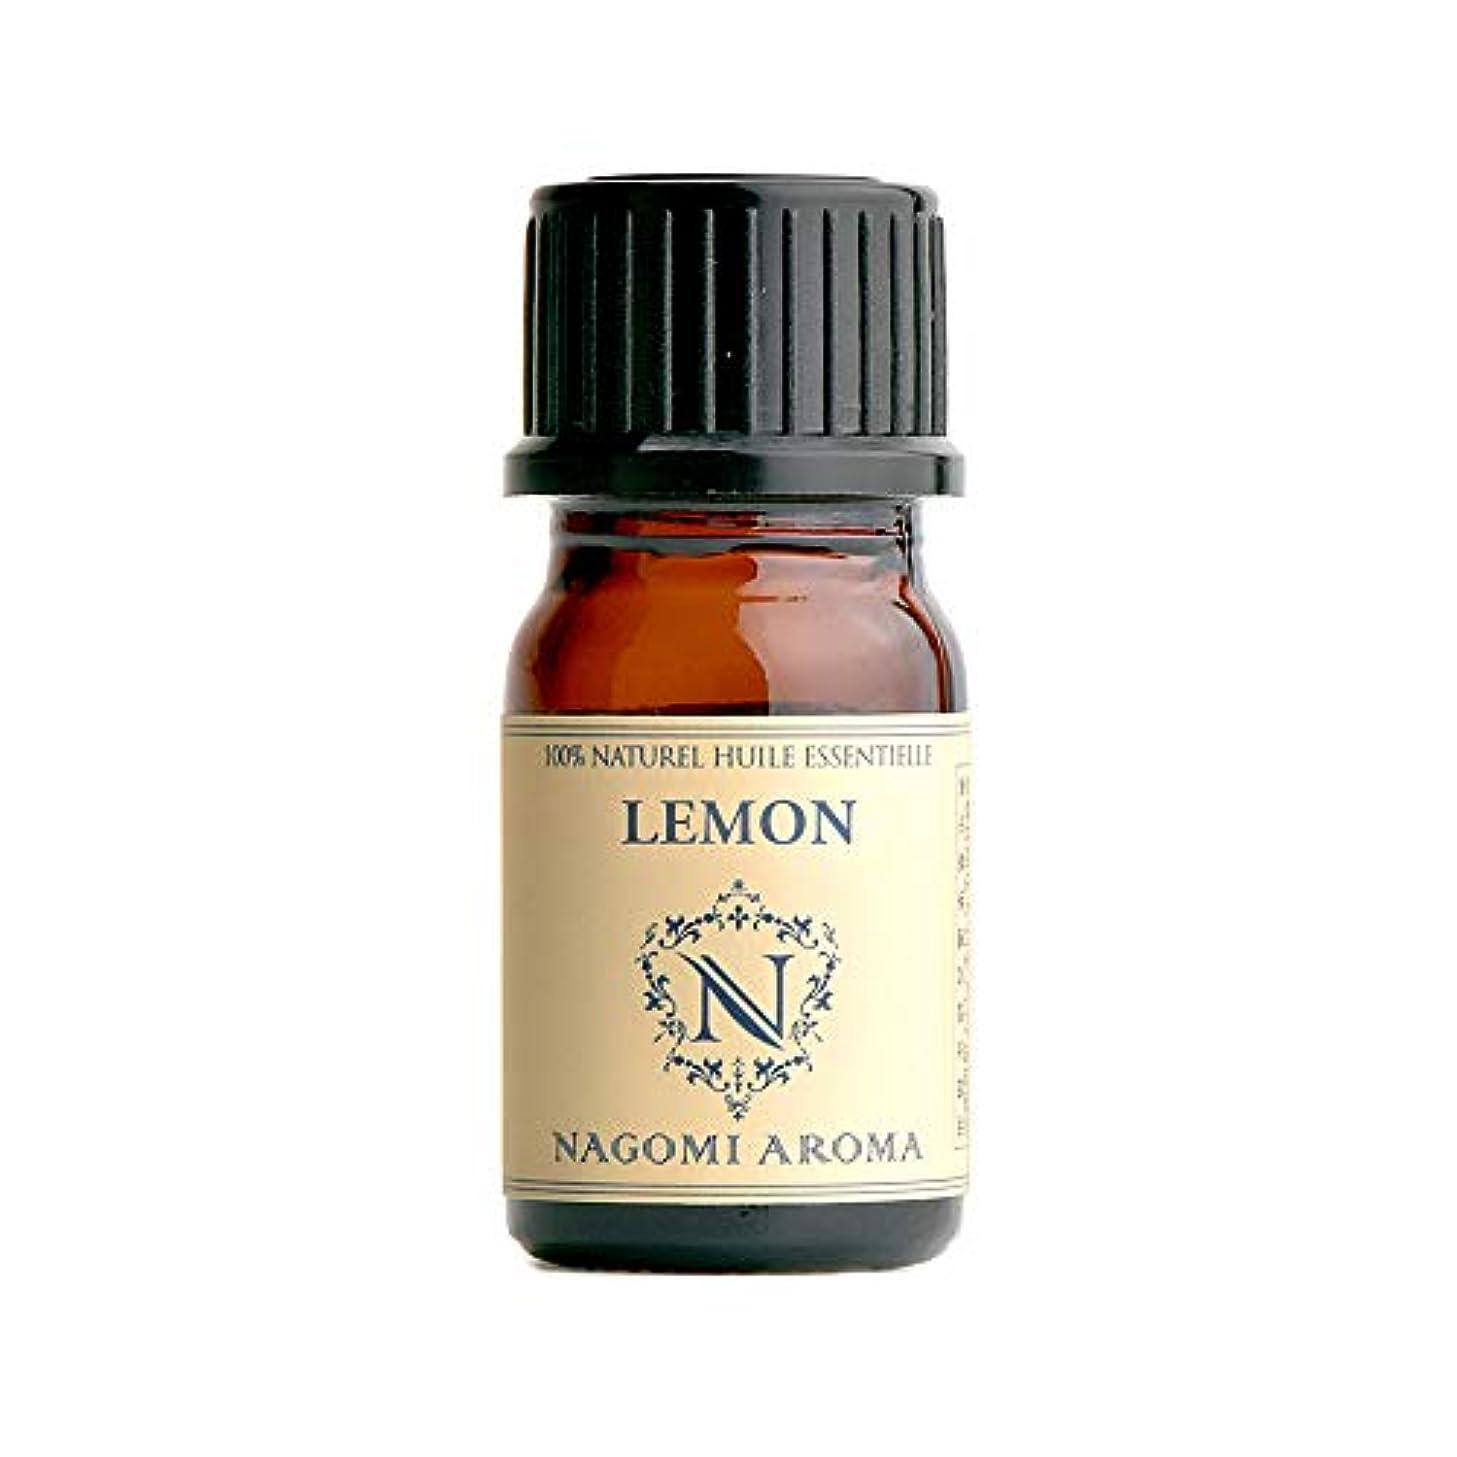 方法論ケイ素放射能【AEAJ認定表示基準認定精油】NAGOMI PURE レモン 5ml 【エッセンシャルオイル】【精油】【アロマオイル】